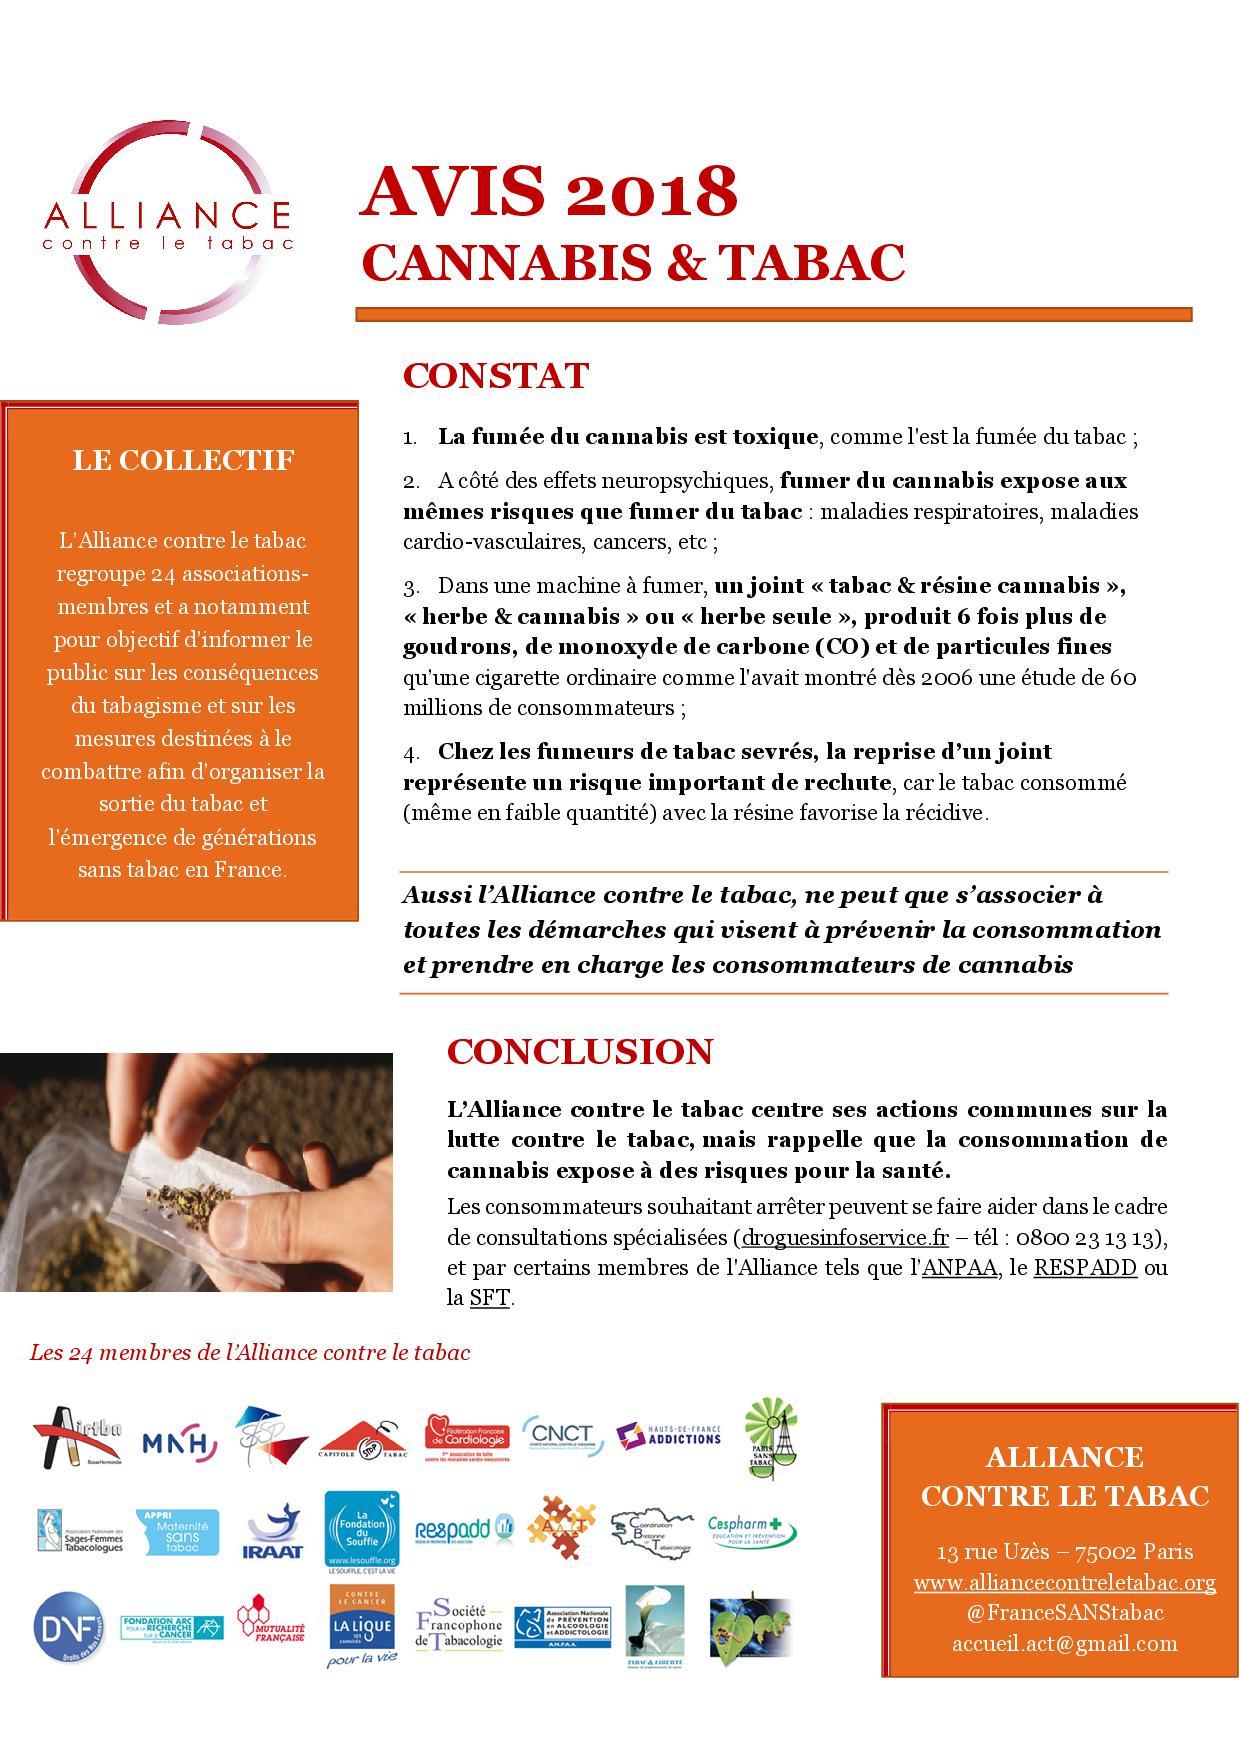 Avis 2018 - Cannabis & tabac